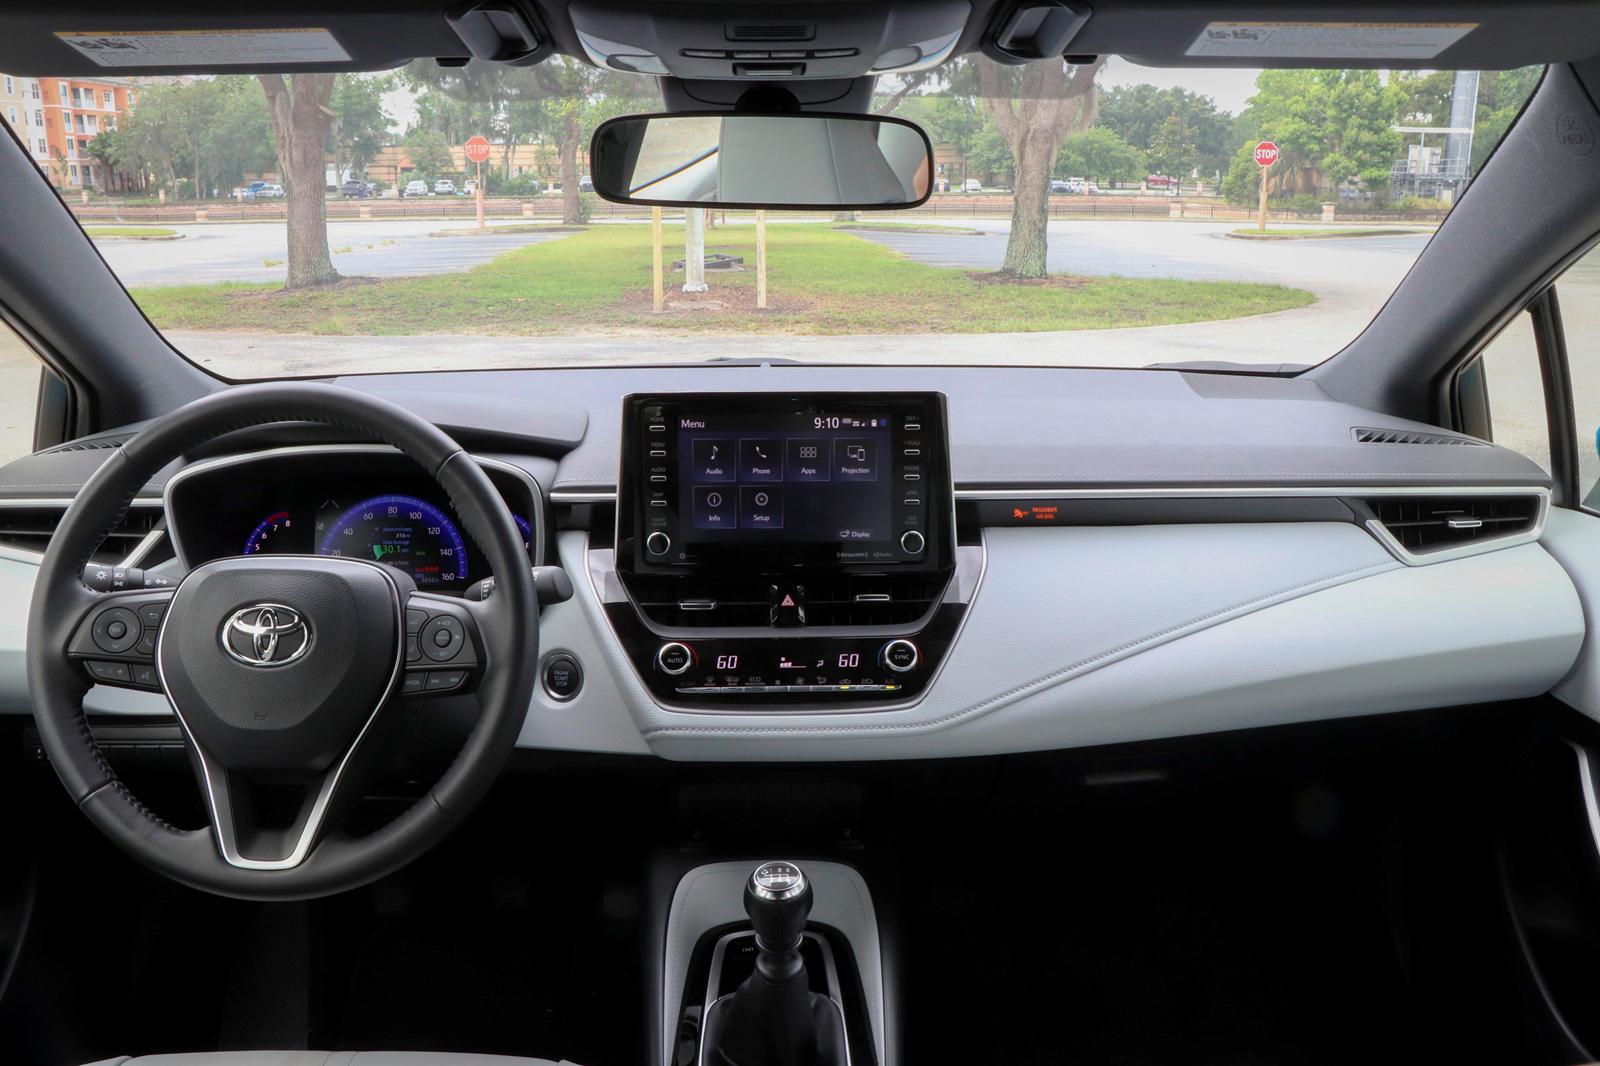 2019-2020 Toyota Corolla Hatchback Test Sürüşü Kontrol Paneli